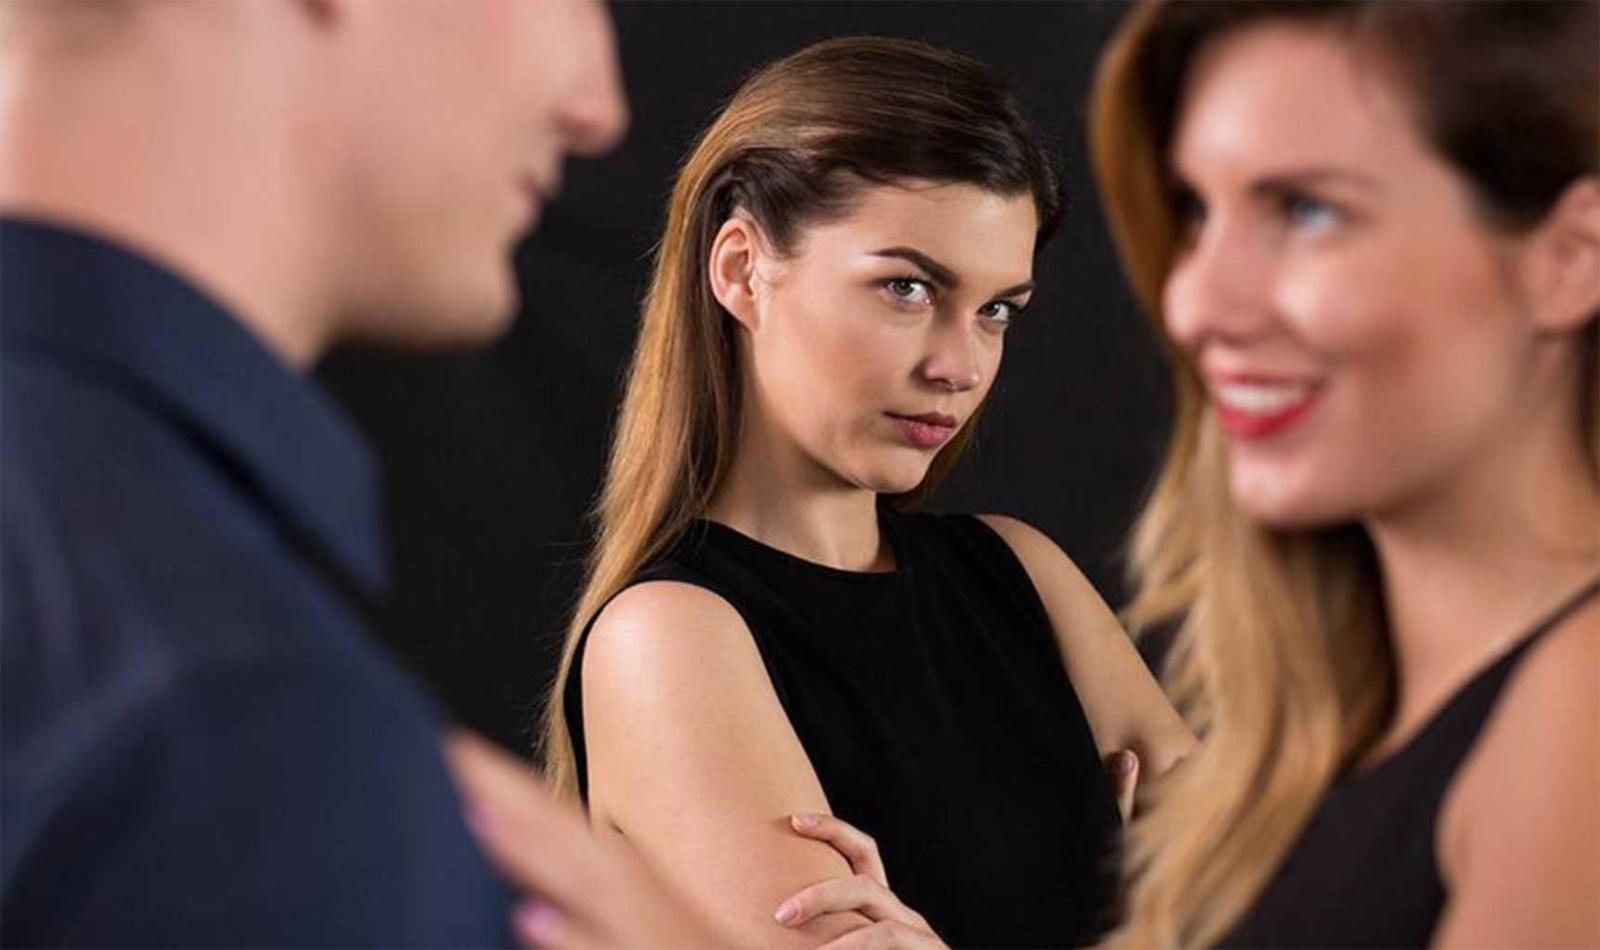 Jak wykryć zdradę – krótki poradnik